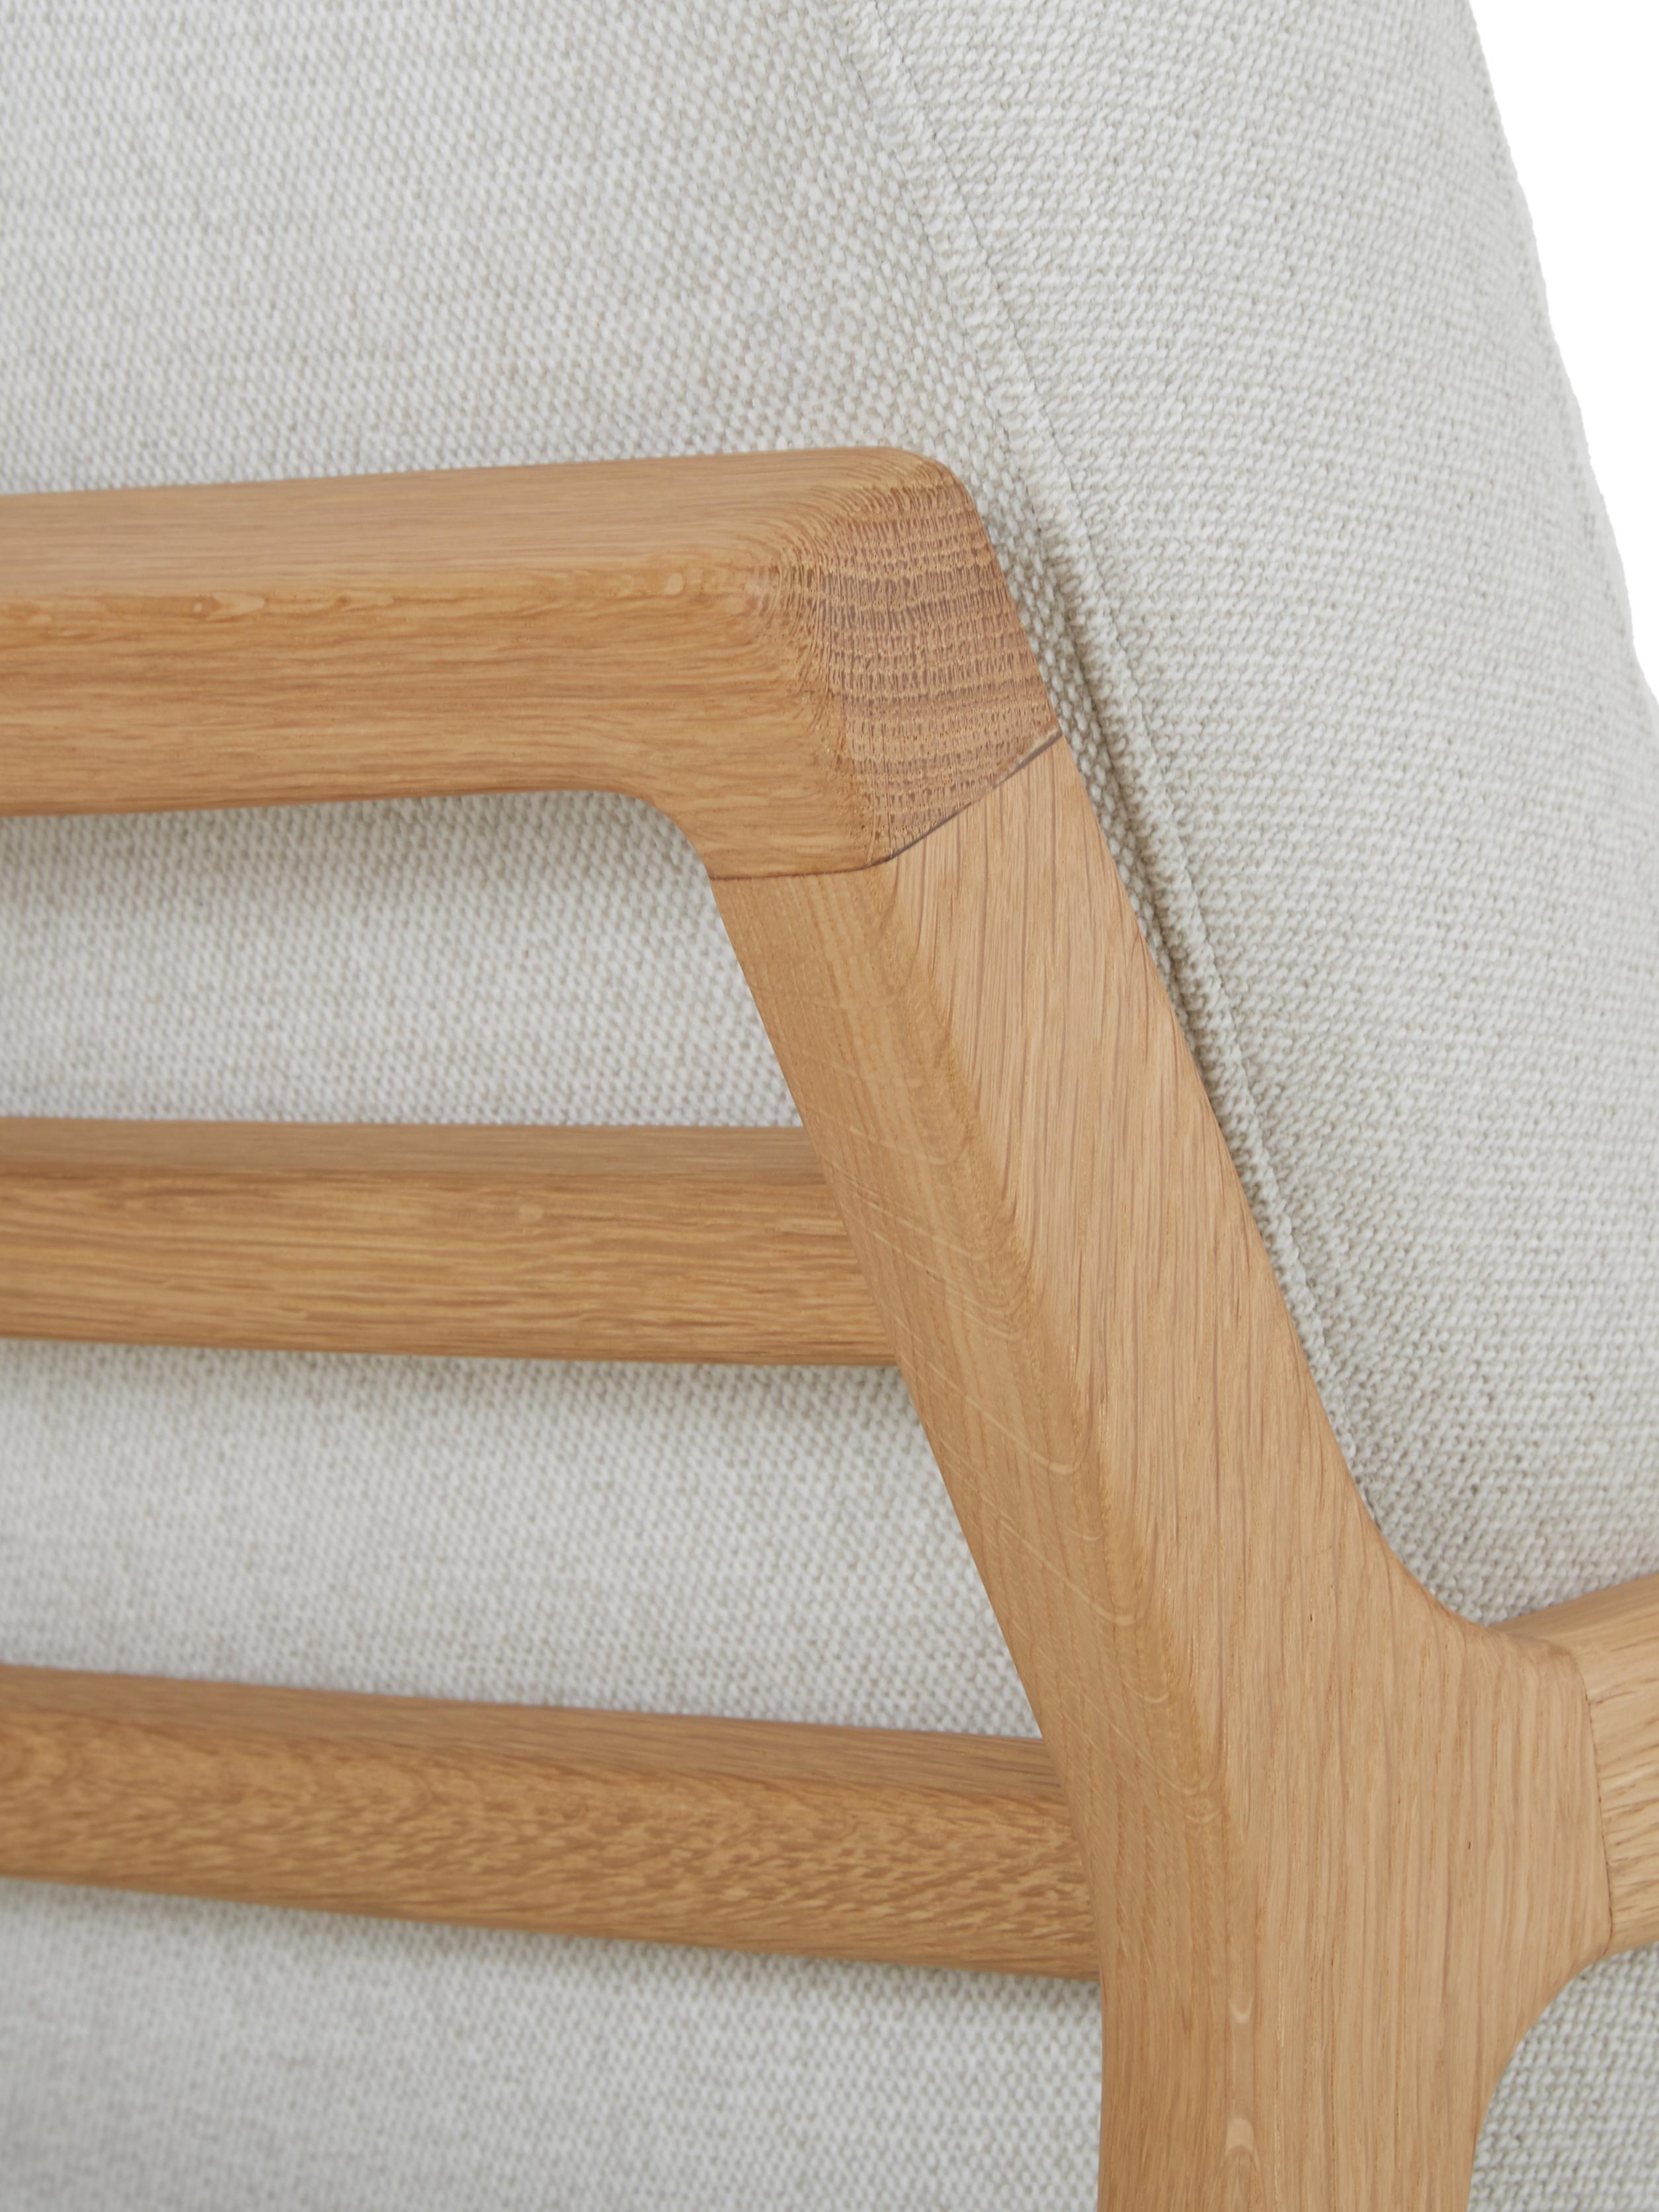 Sessel Becky mit Armlehnen aus Eichenholz, Bezug: Polyester 35.000 Scheuert, Gestell: Massives Eichenholz, Webstoff Beige, Eichenholz, B 73 x T 90 cm